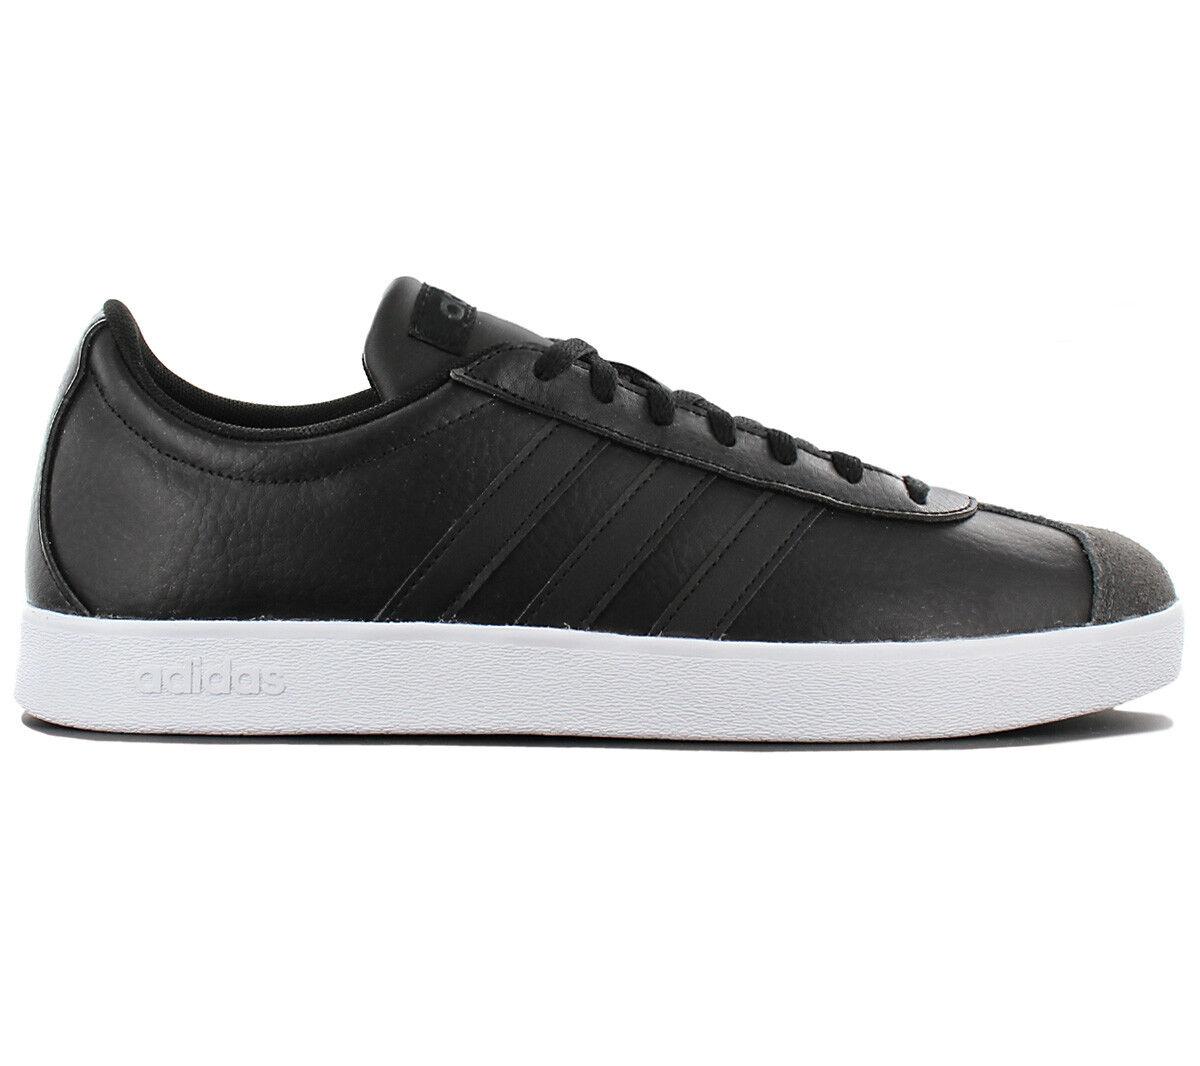 Adidas Court Leather Vl 2.0 Zapatillas Estilo Deportivas para Hombre de Cuero